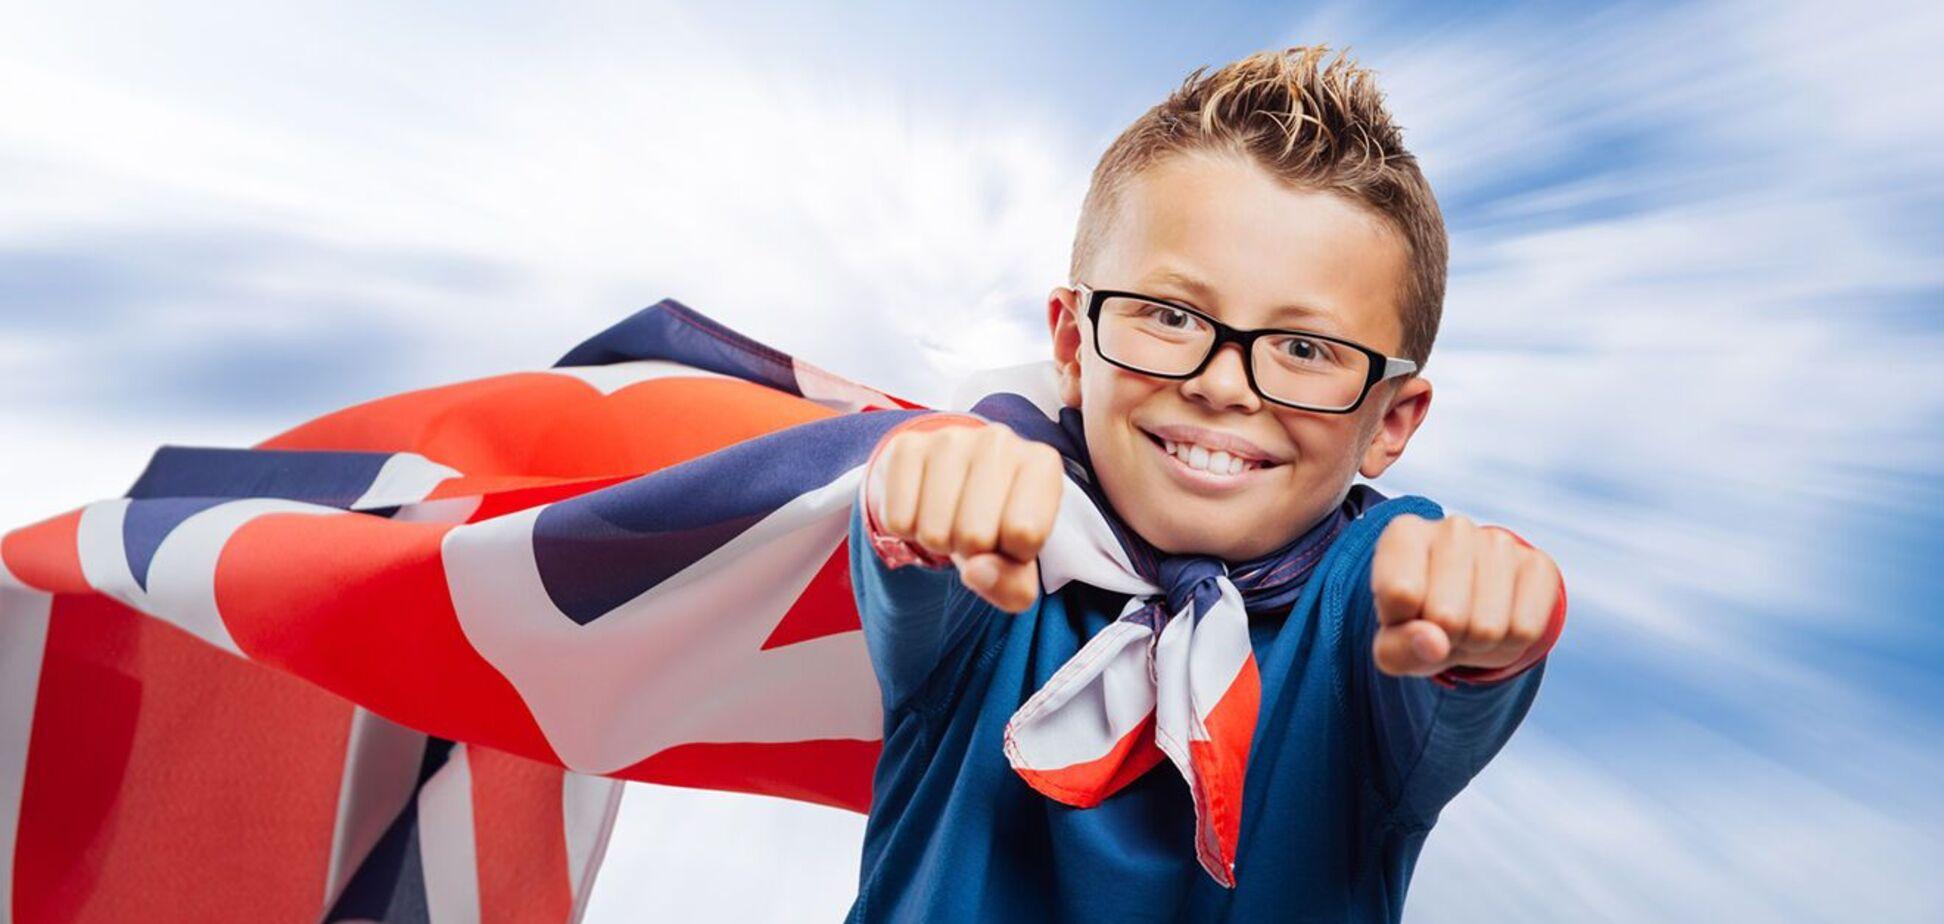 Як мотивувати дитину вчити англійську мову